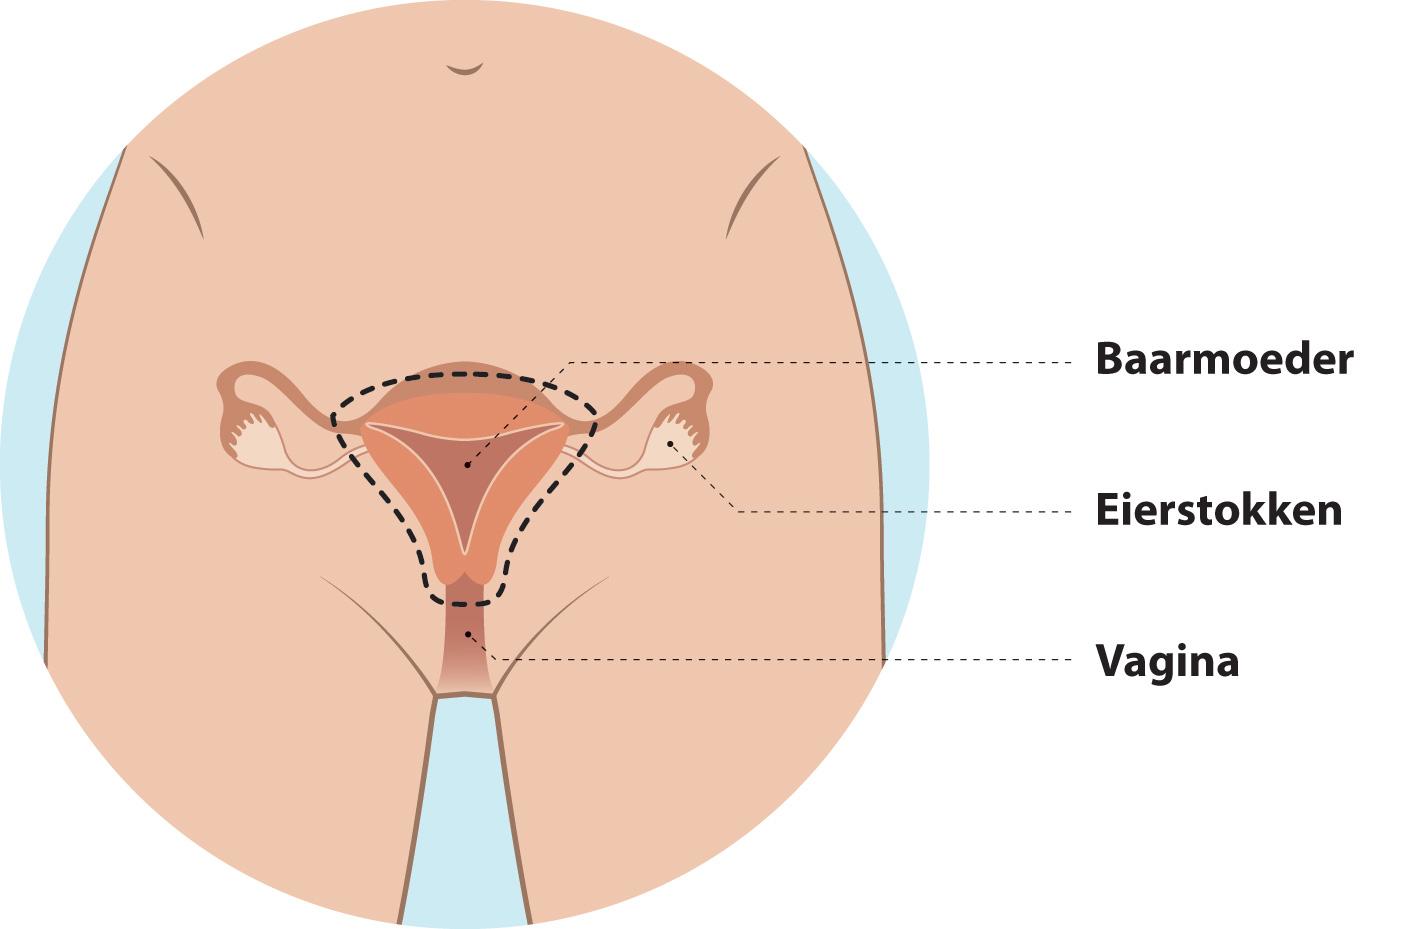 Irritatie van de vagina